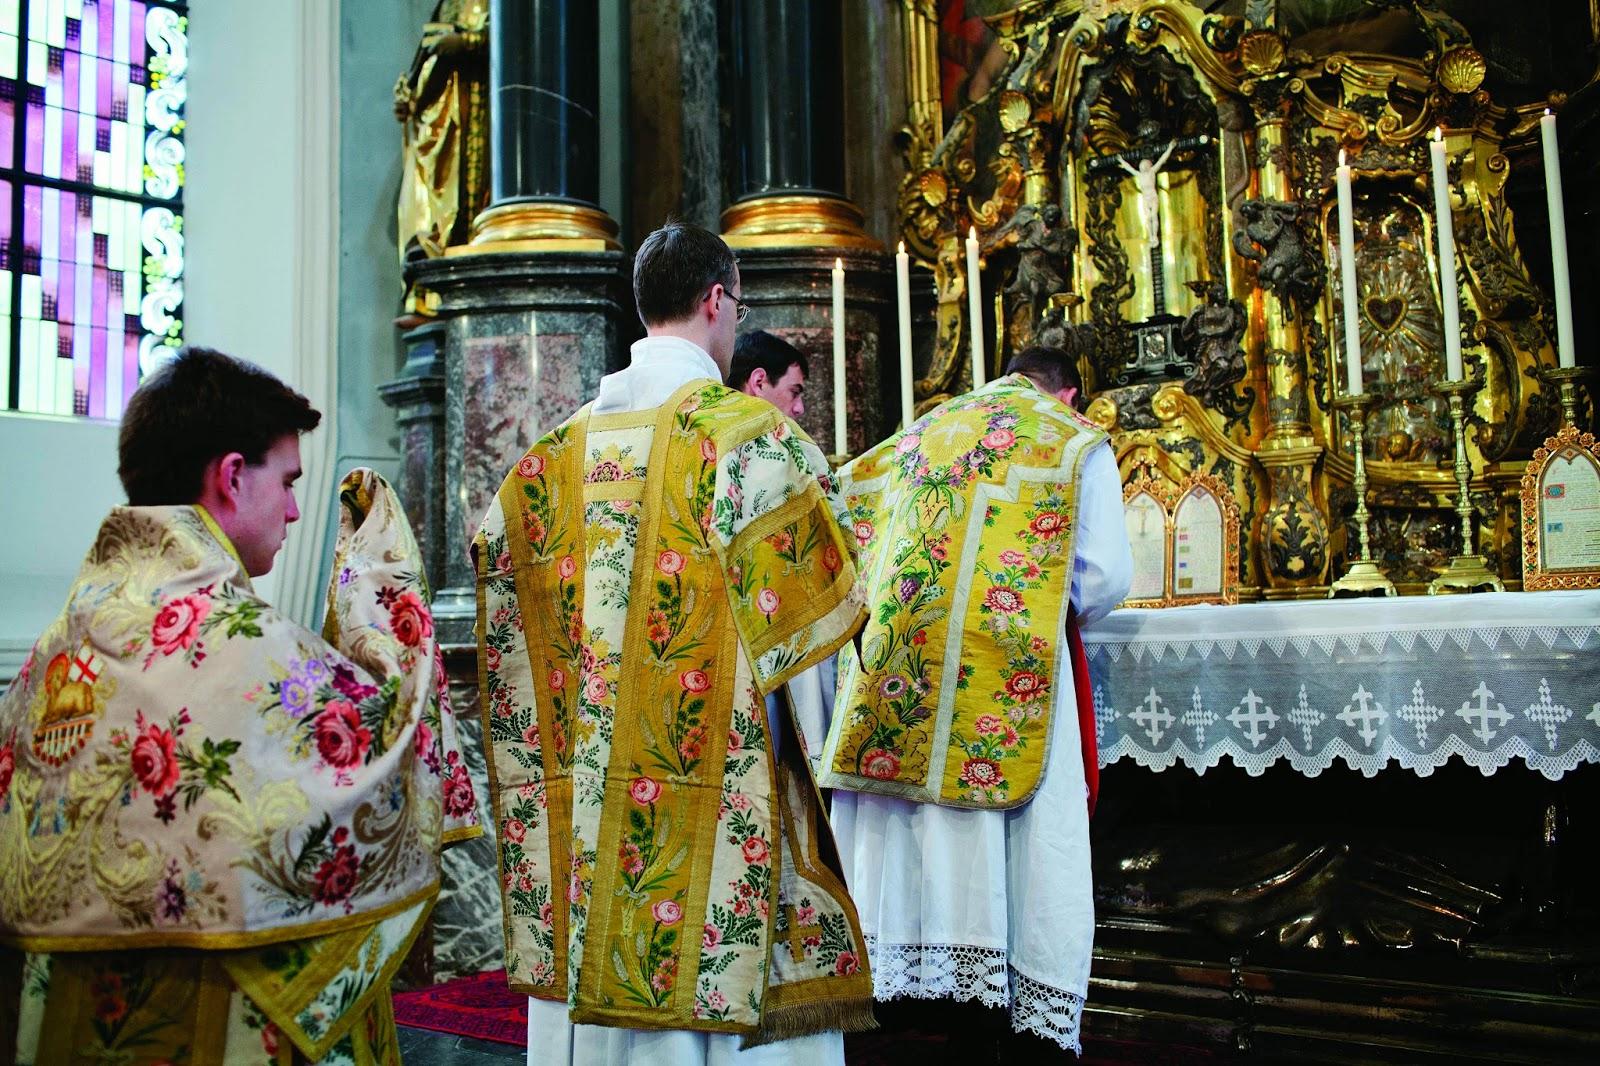 RORATE CÆLI: Keeping Secrets at Mass